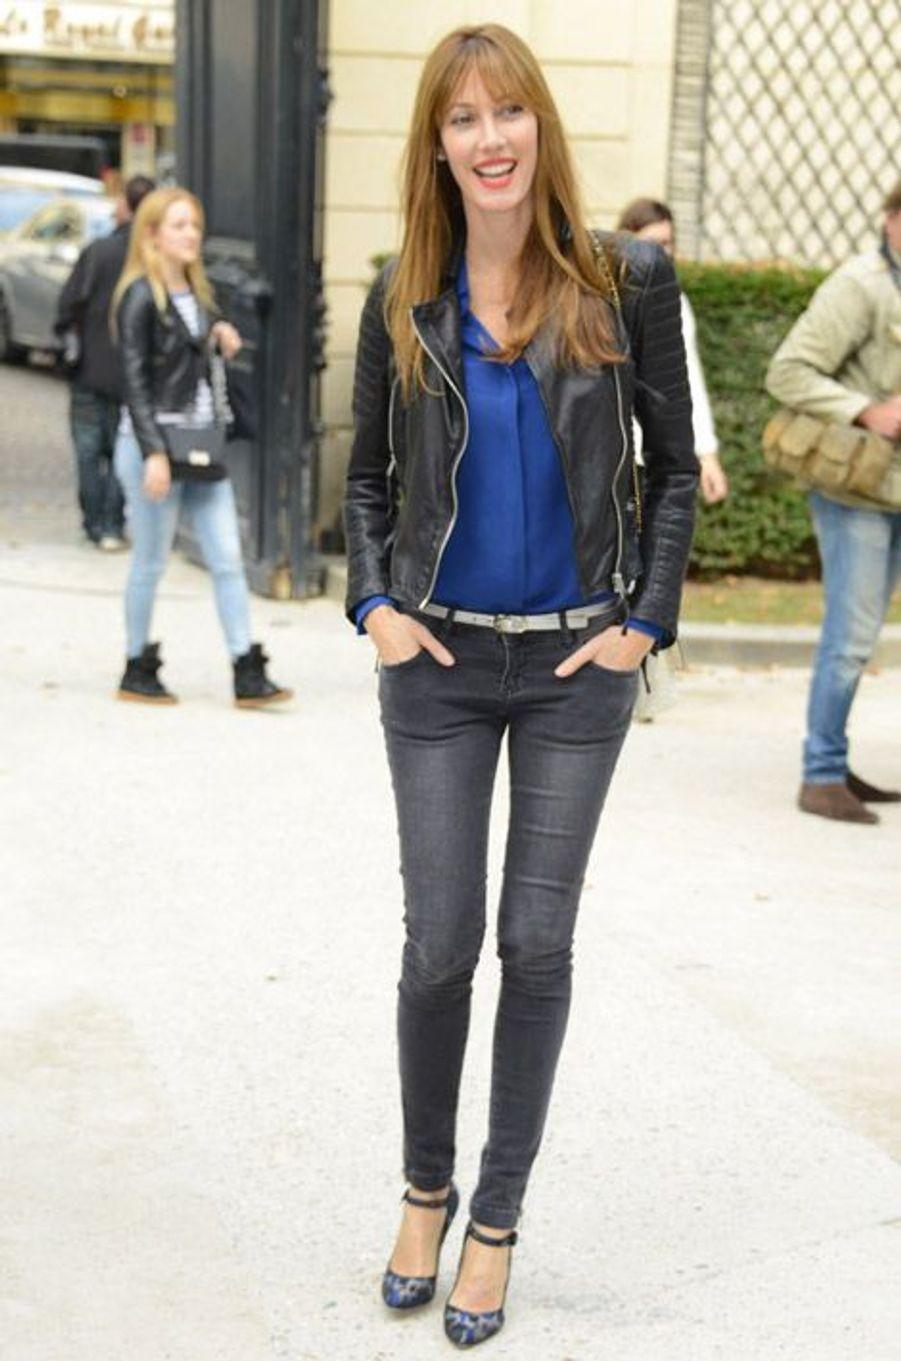 L'ex-Miss France, Mareva Galanter, au défilé Alexis Mabille printemps-été 2015 à l'hôtel Salomon de Rothschild à Paris, le 24 septembre 2014